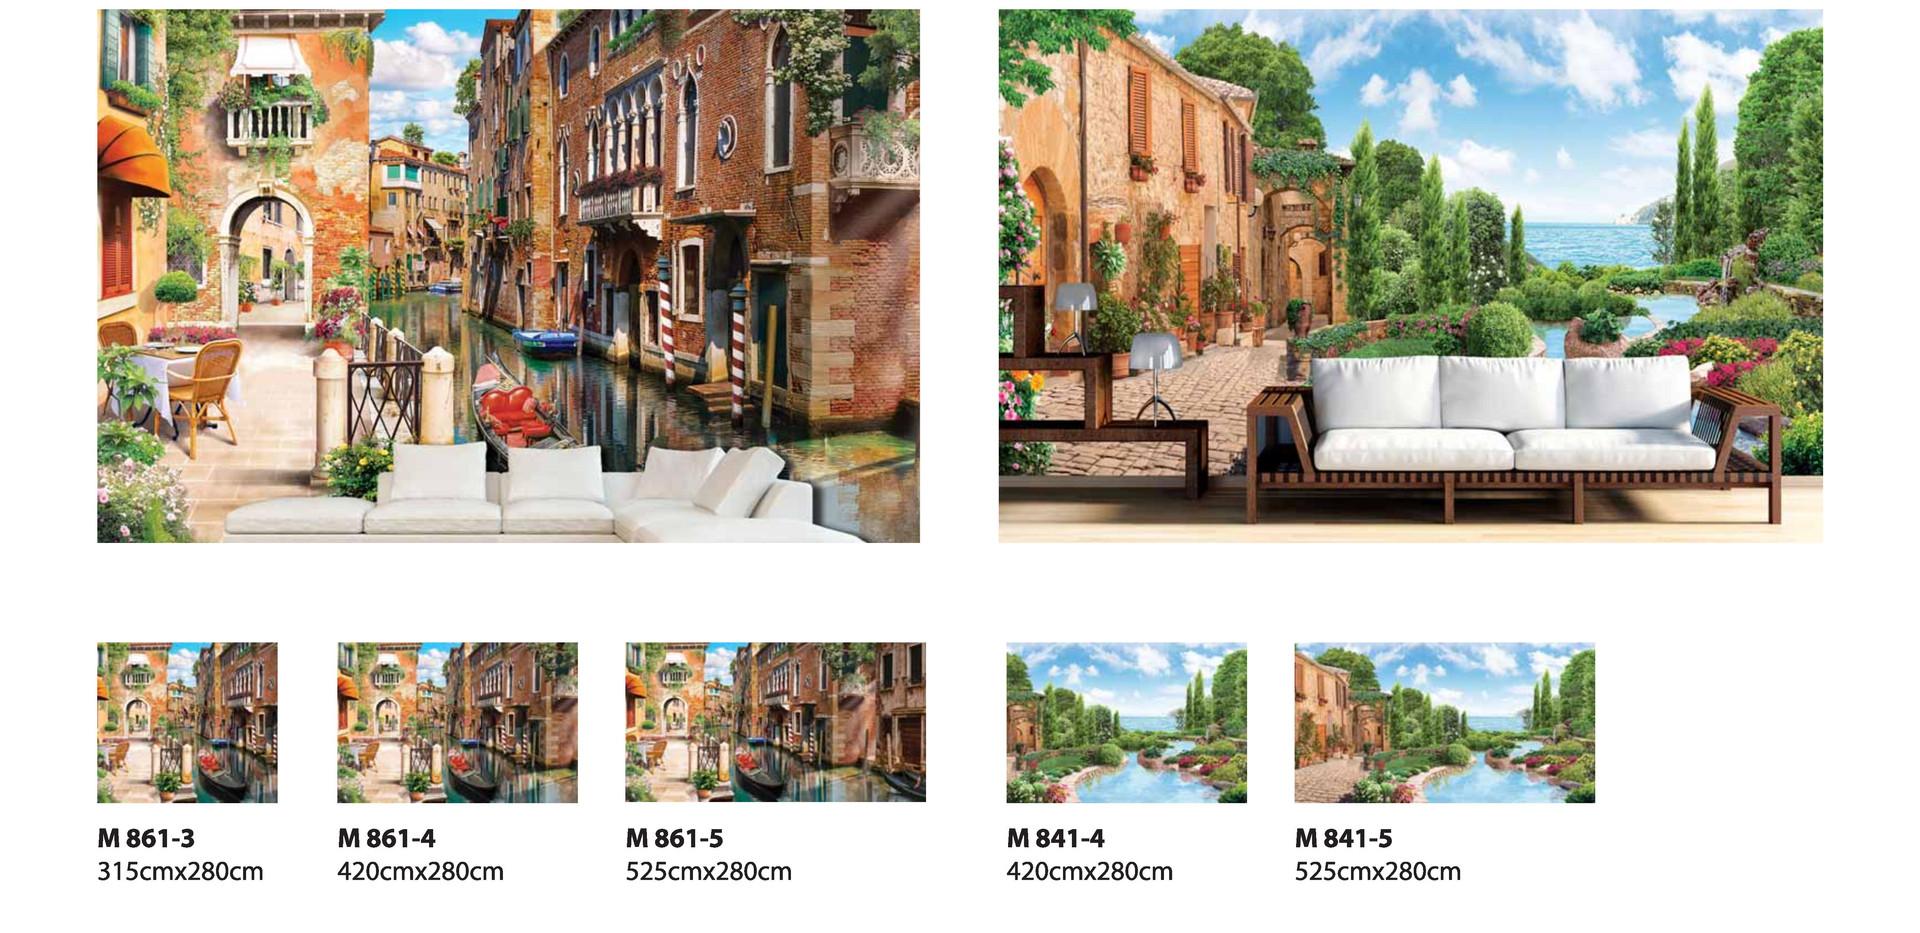 Moneta MURAL katalog-page-041.jpg